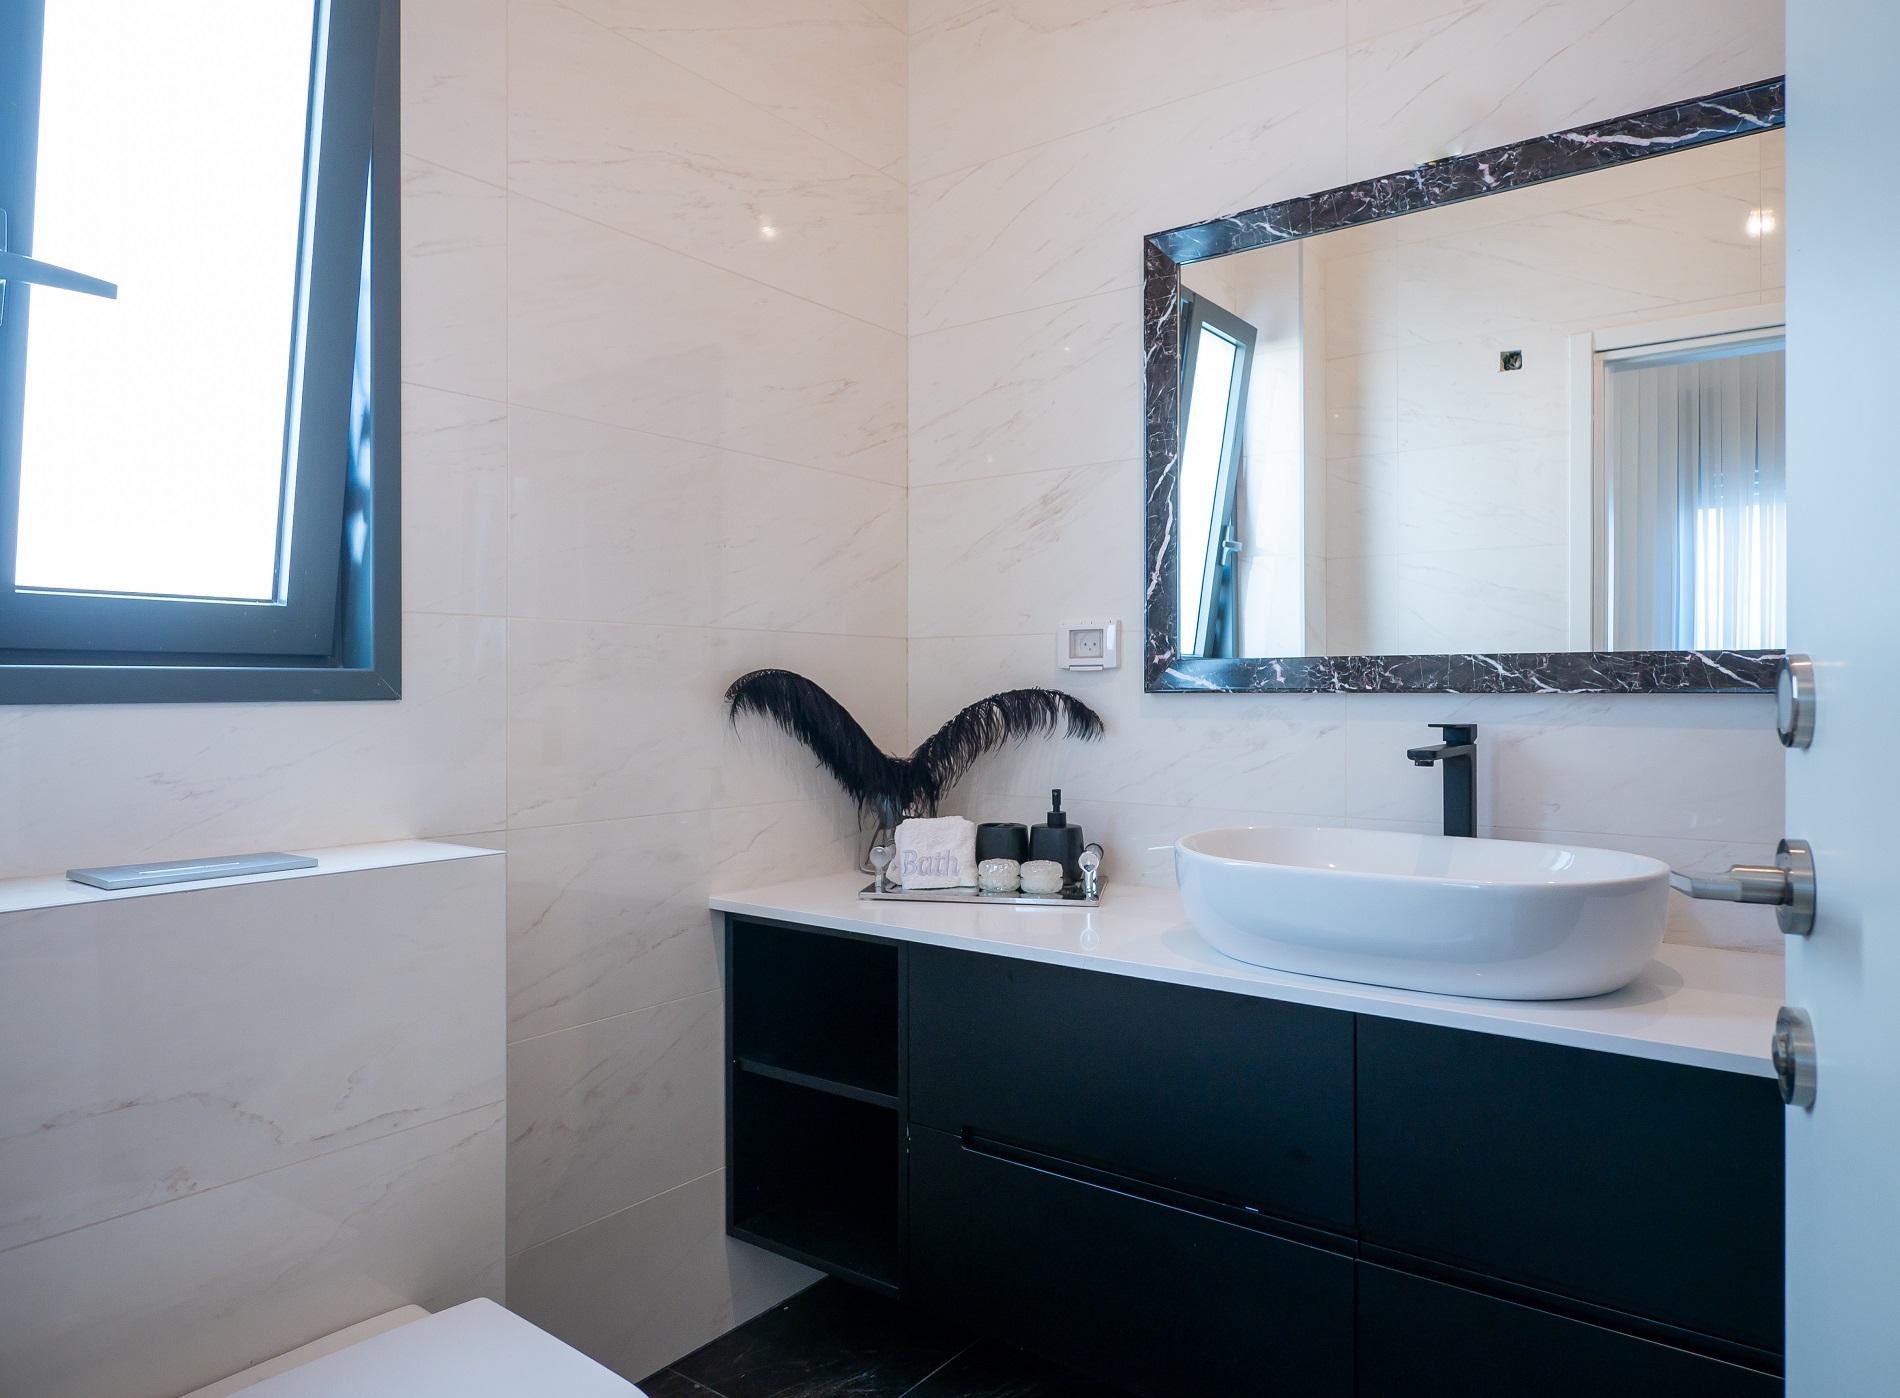 ארון אמבטיה שחור עם חלק פתוח